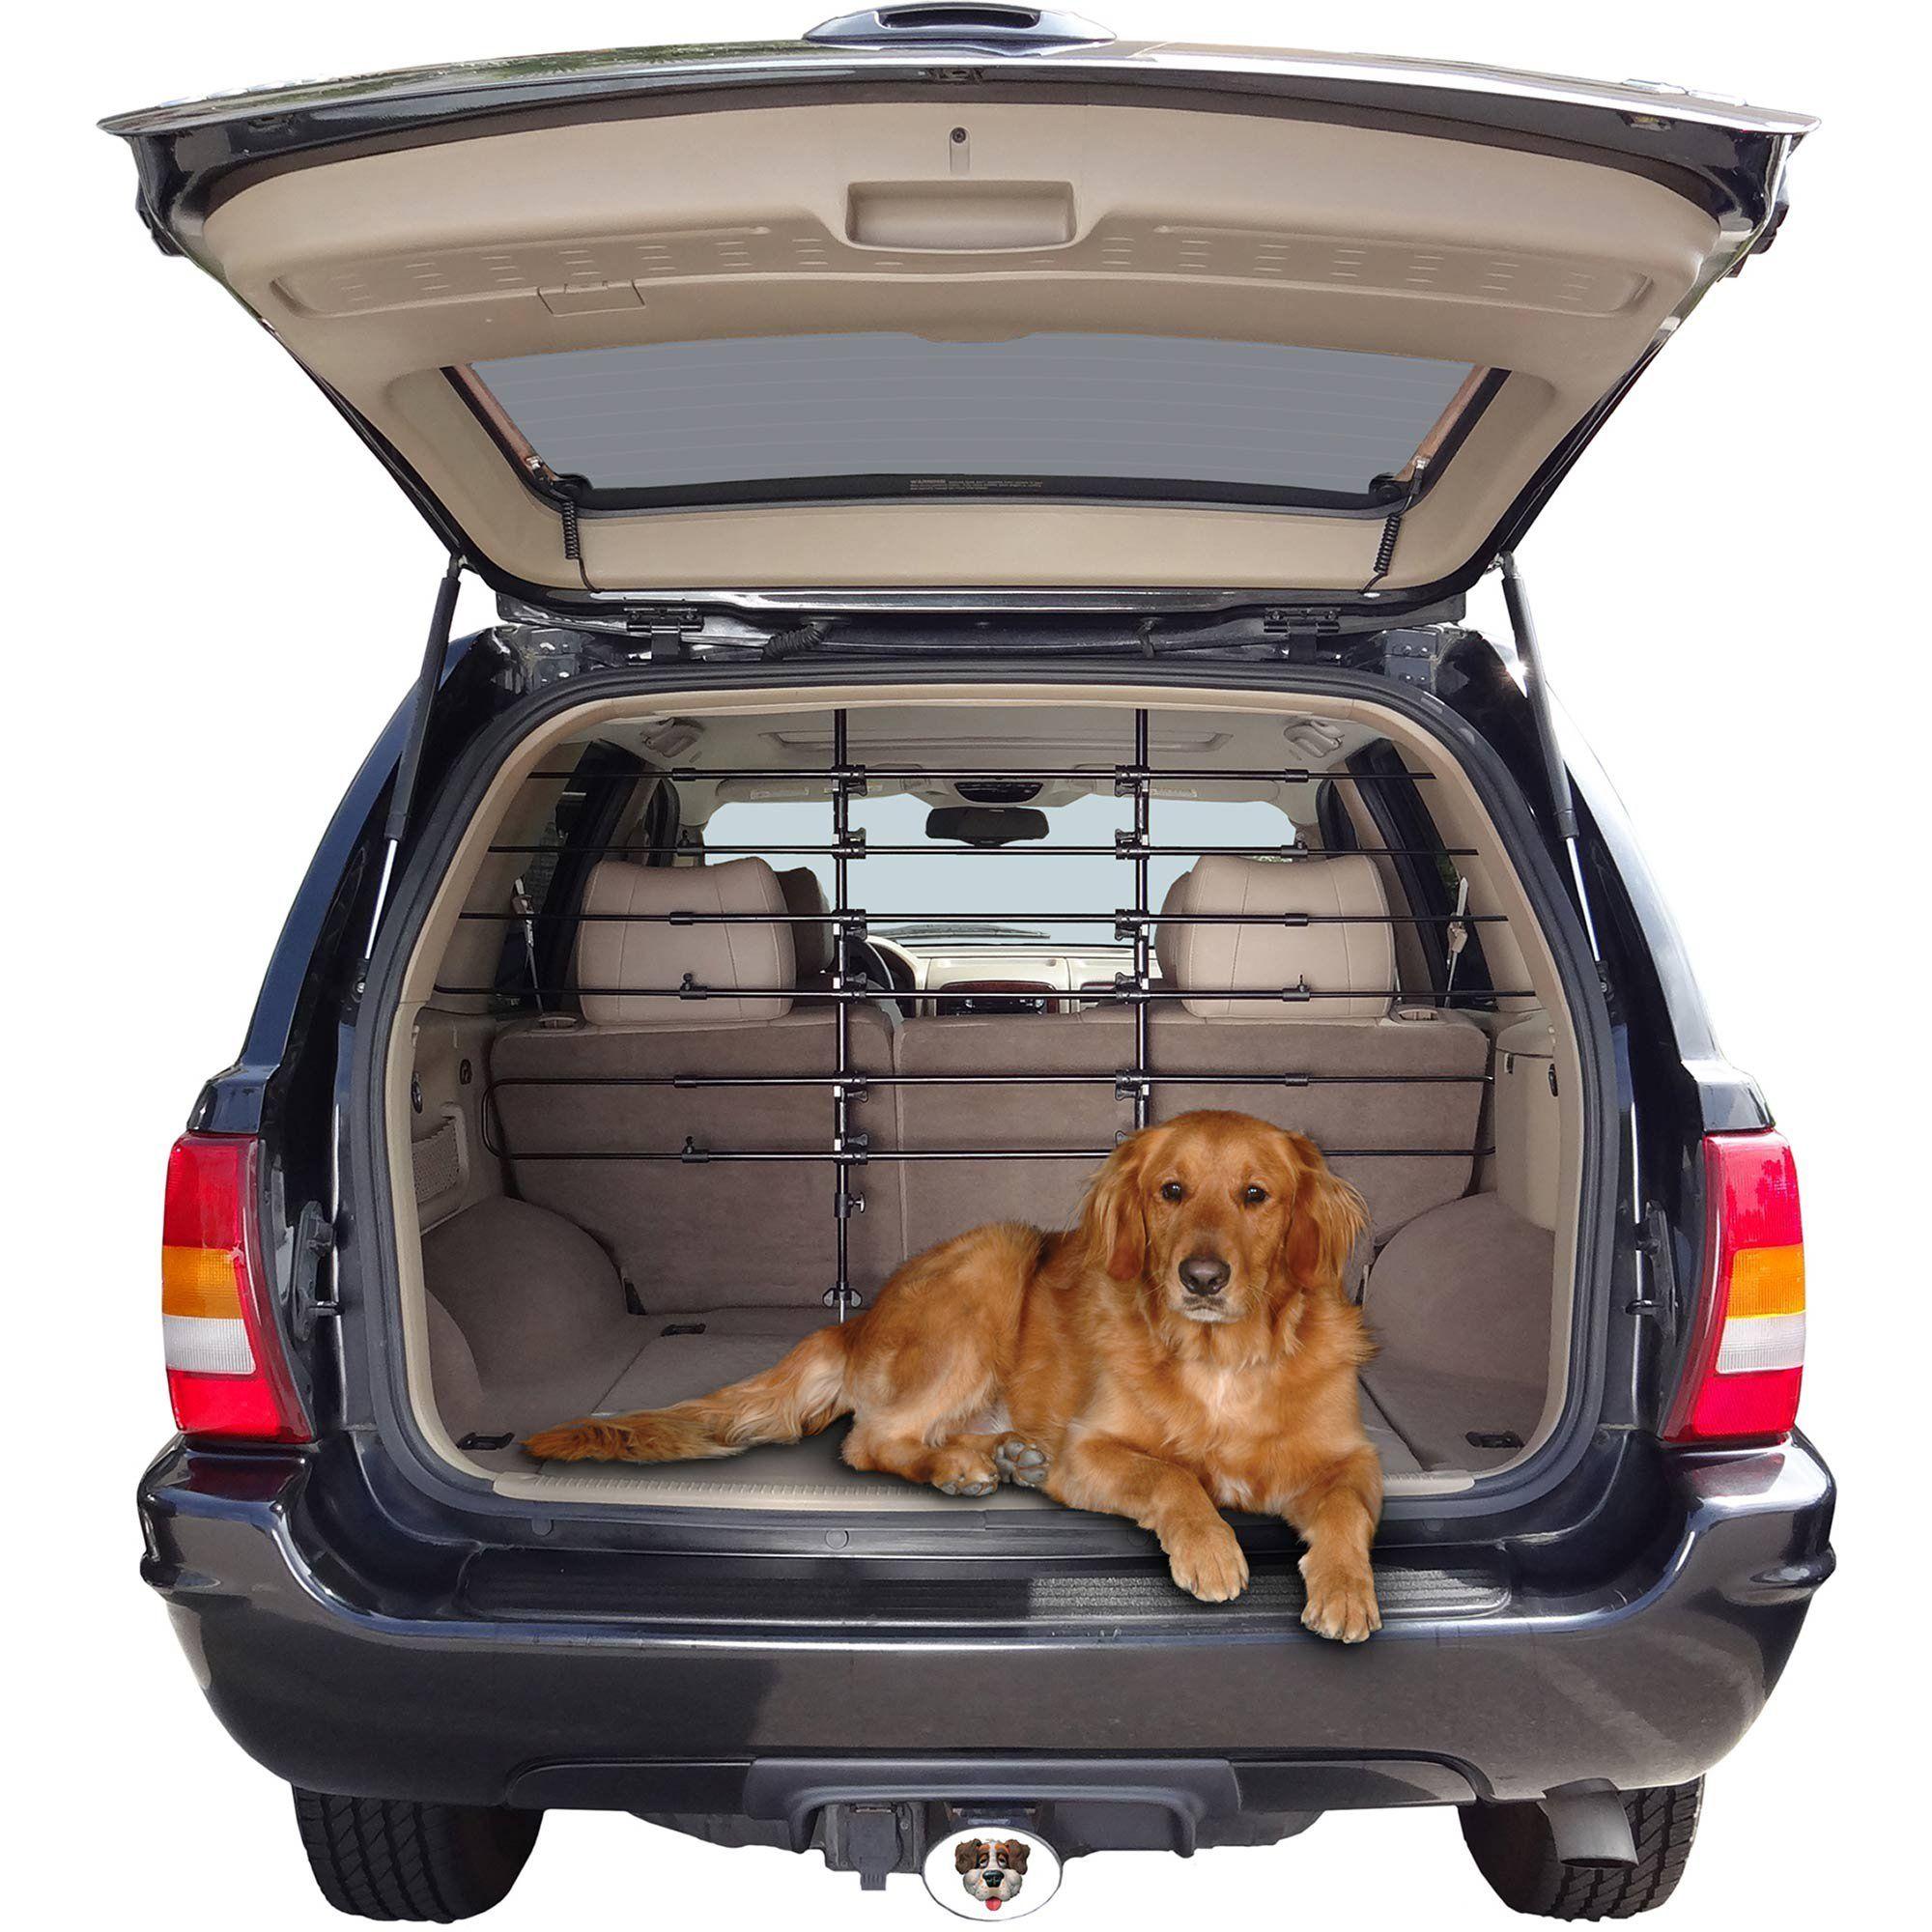 Precision pet universal vehicle pet barrier 3865 w x